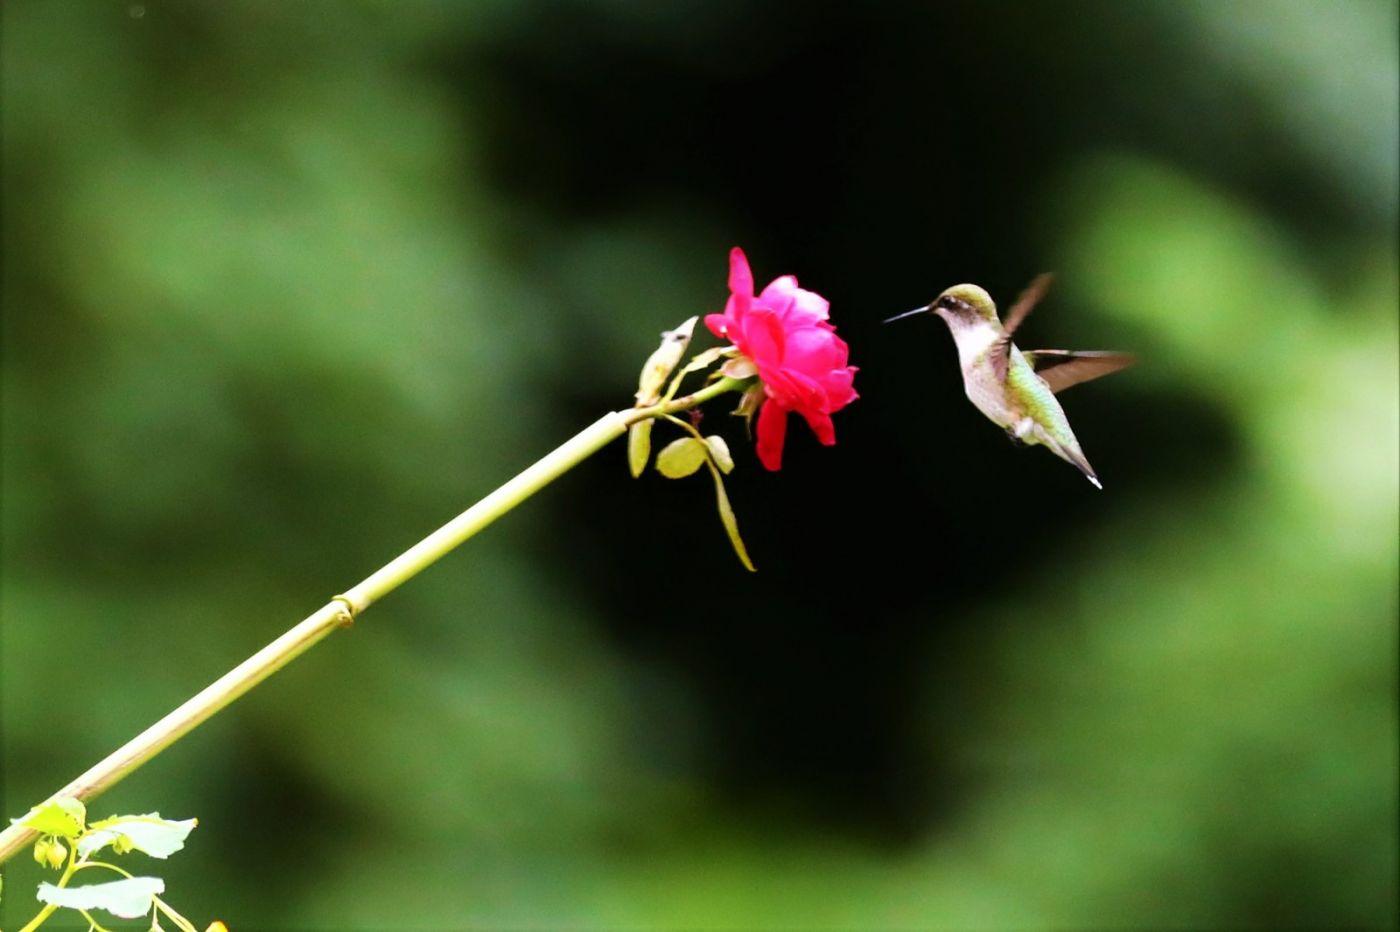 【爱摄影】追拍蜂鸟_图1-5